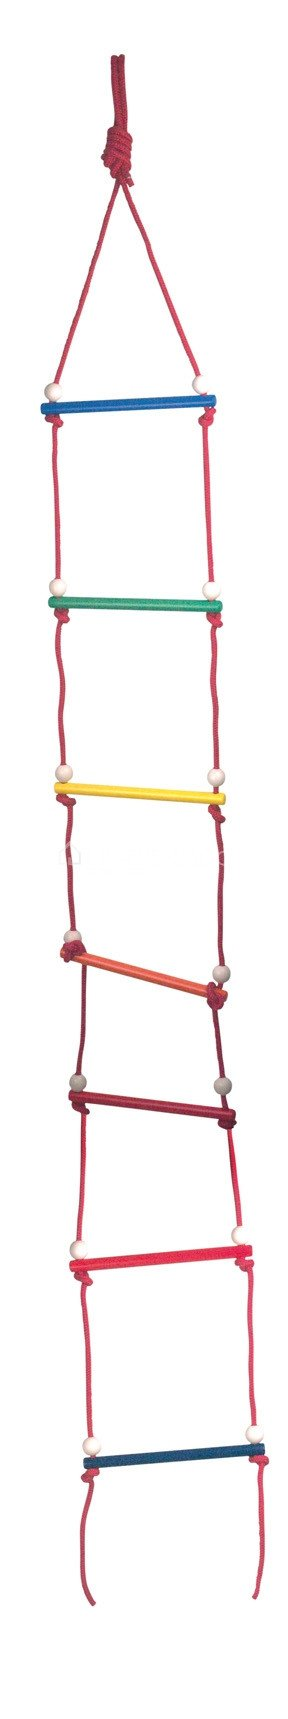 kleurige-schommelladder-buitenspeelgoed-van-egmont-toys